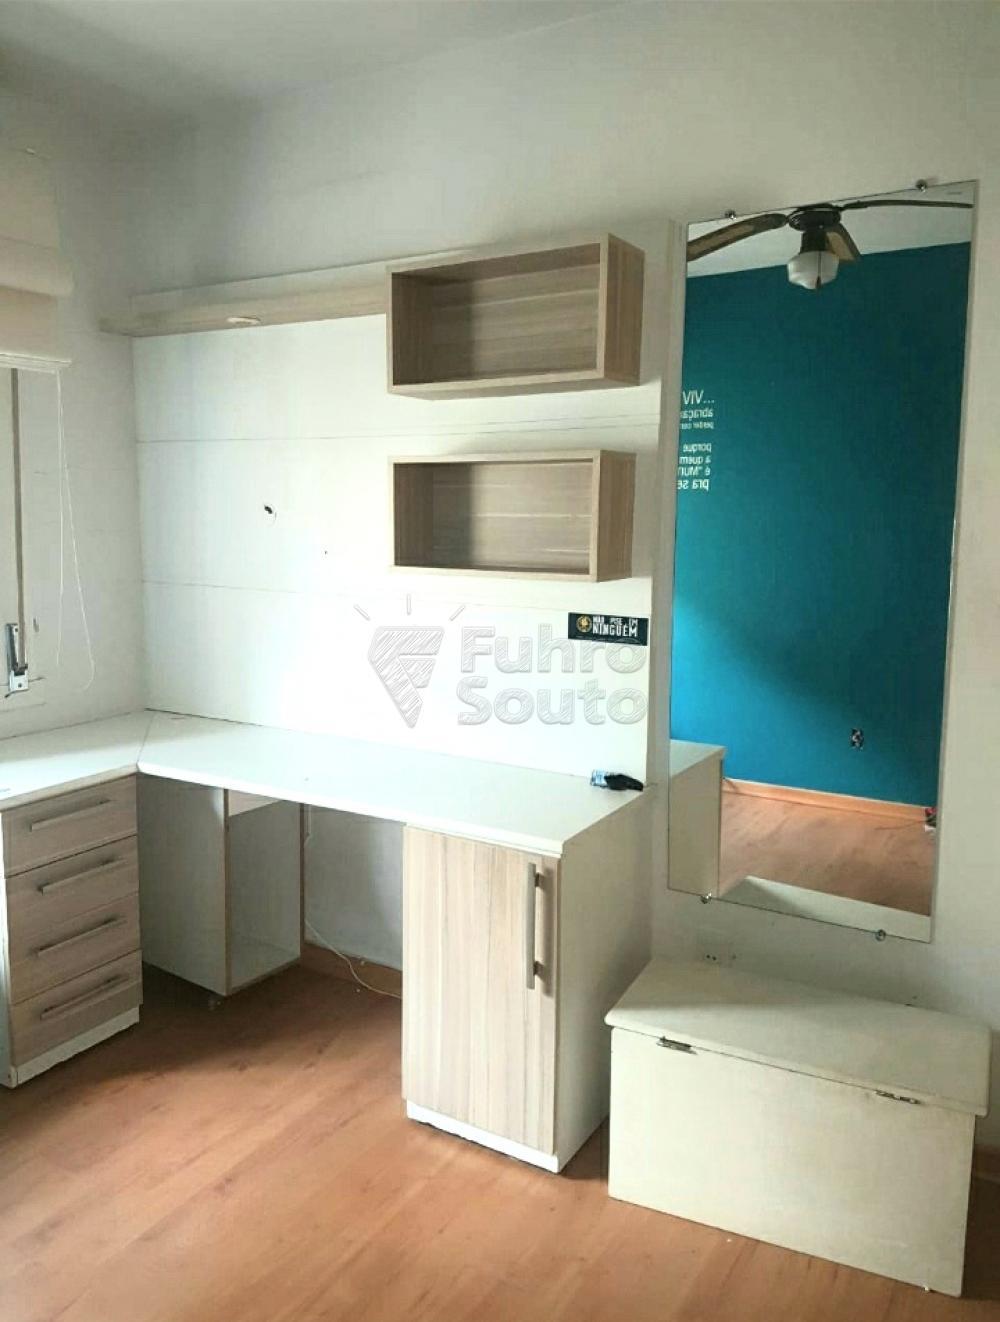 Comprar Apartamento / Padrão em Pelotas R$ 320.000,00 - Foto 7